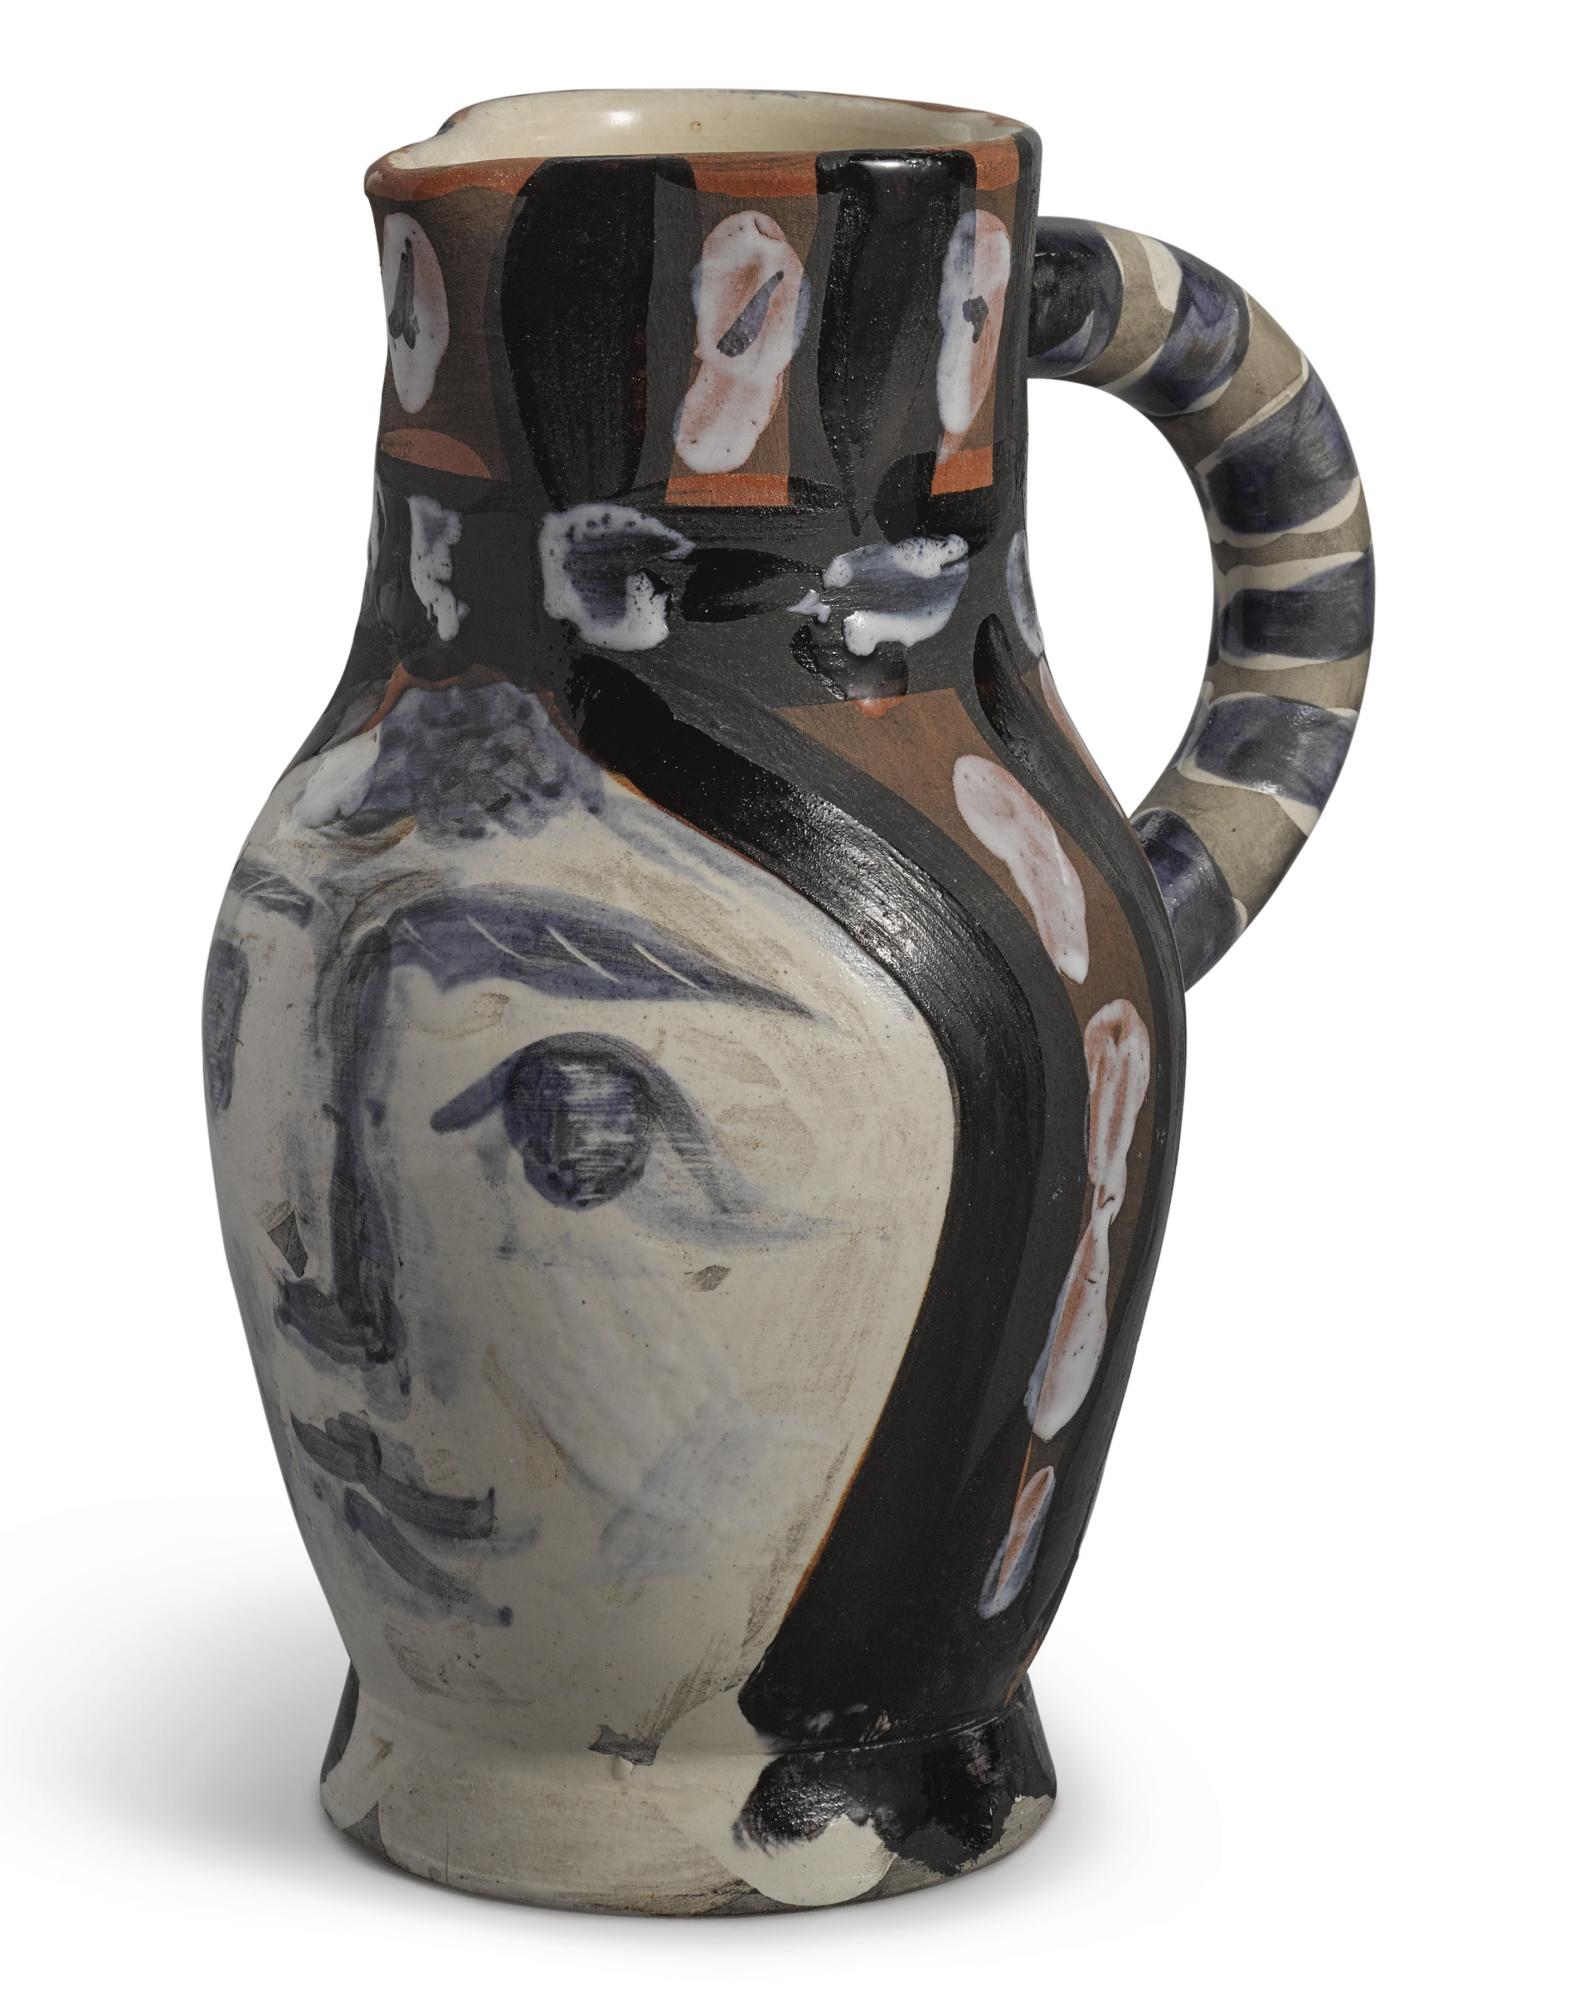 Pablo Picasso-Tete Peinte (A.R. 212)-1953